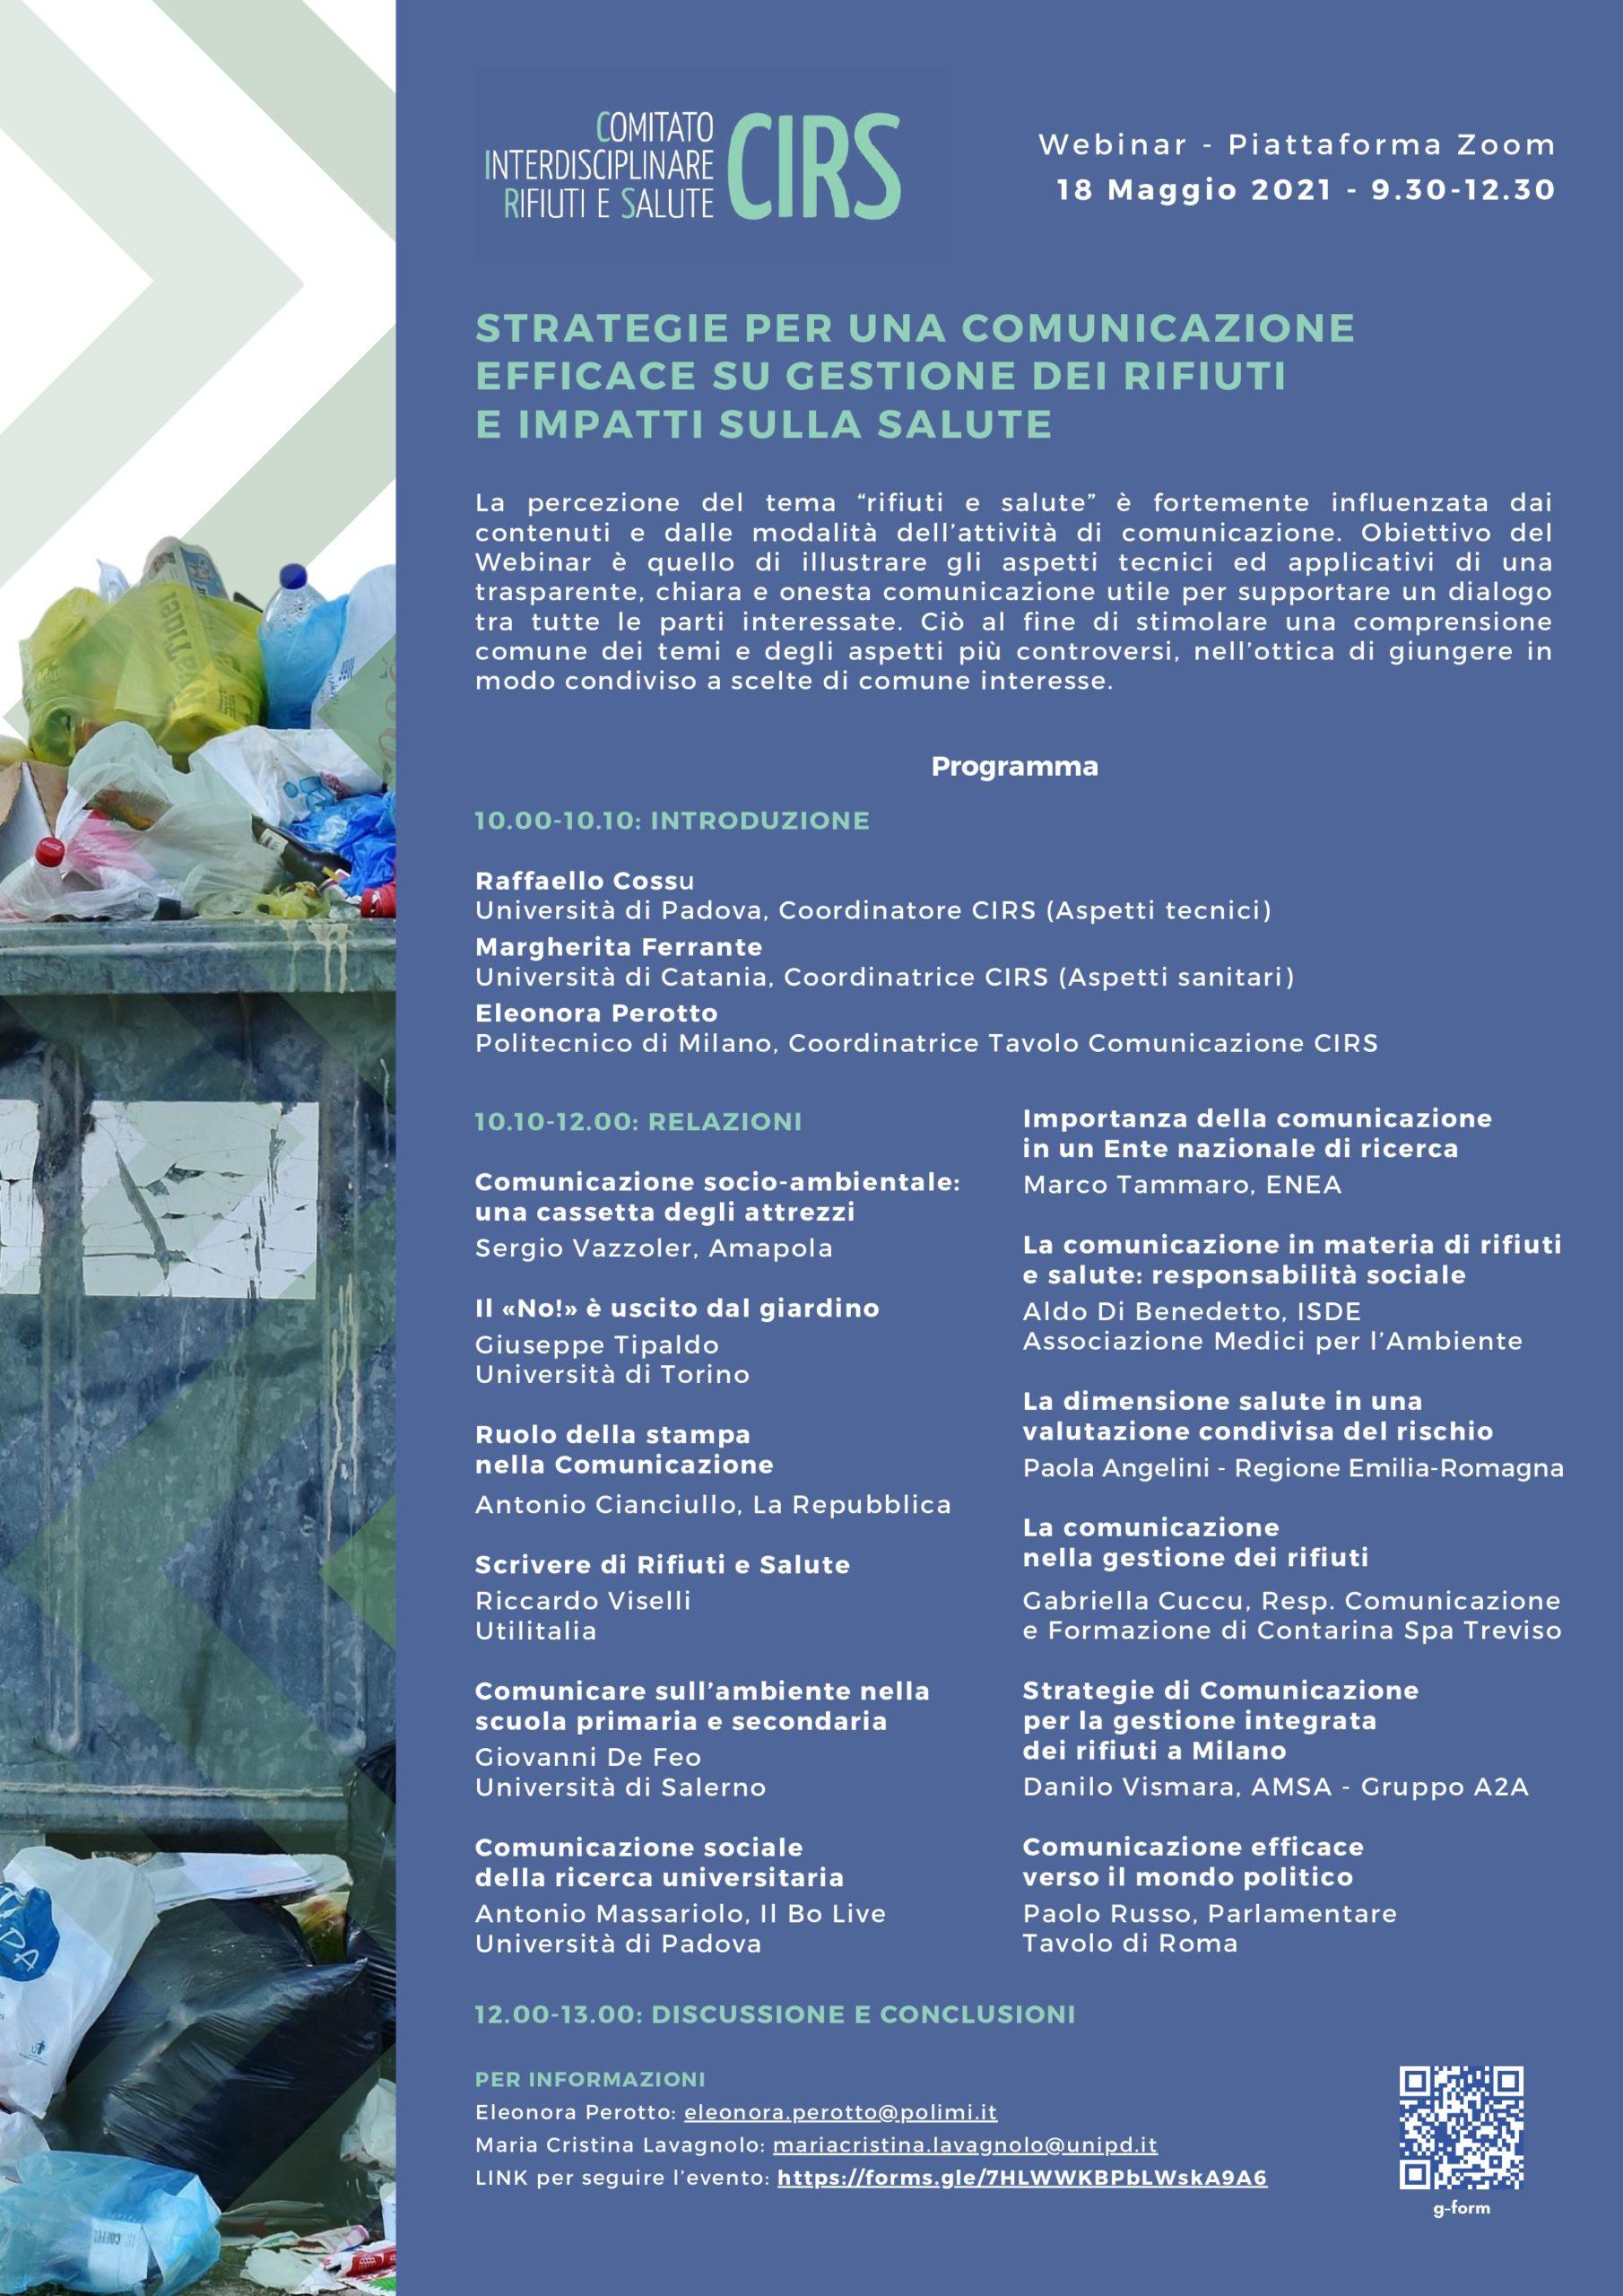 Locandina webinar CIRS su ambiente, rifiuti e salute